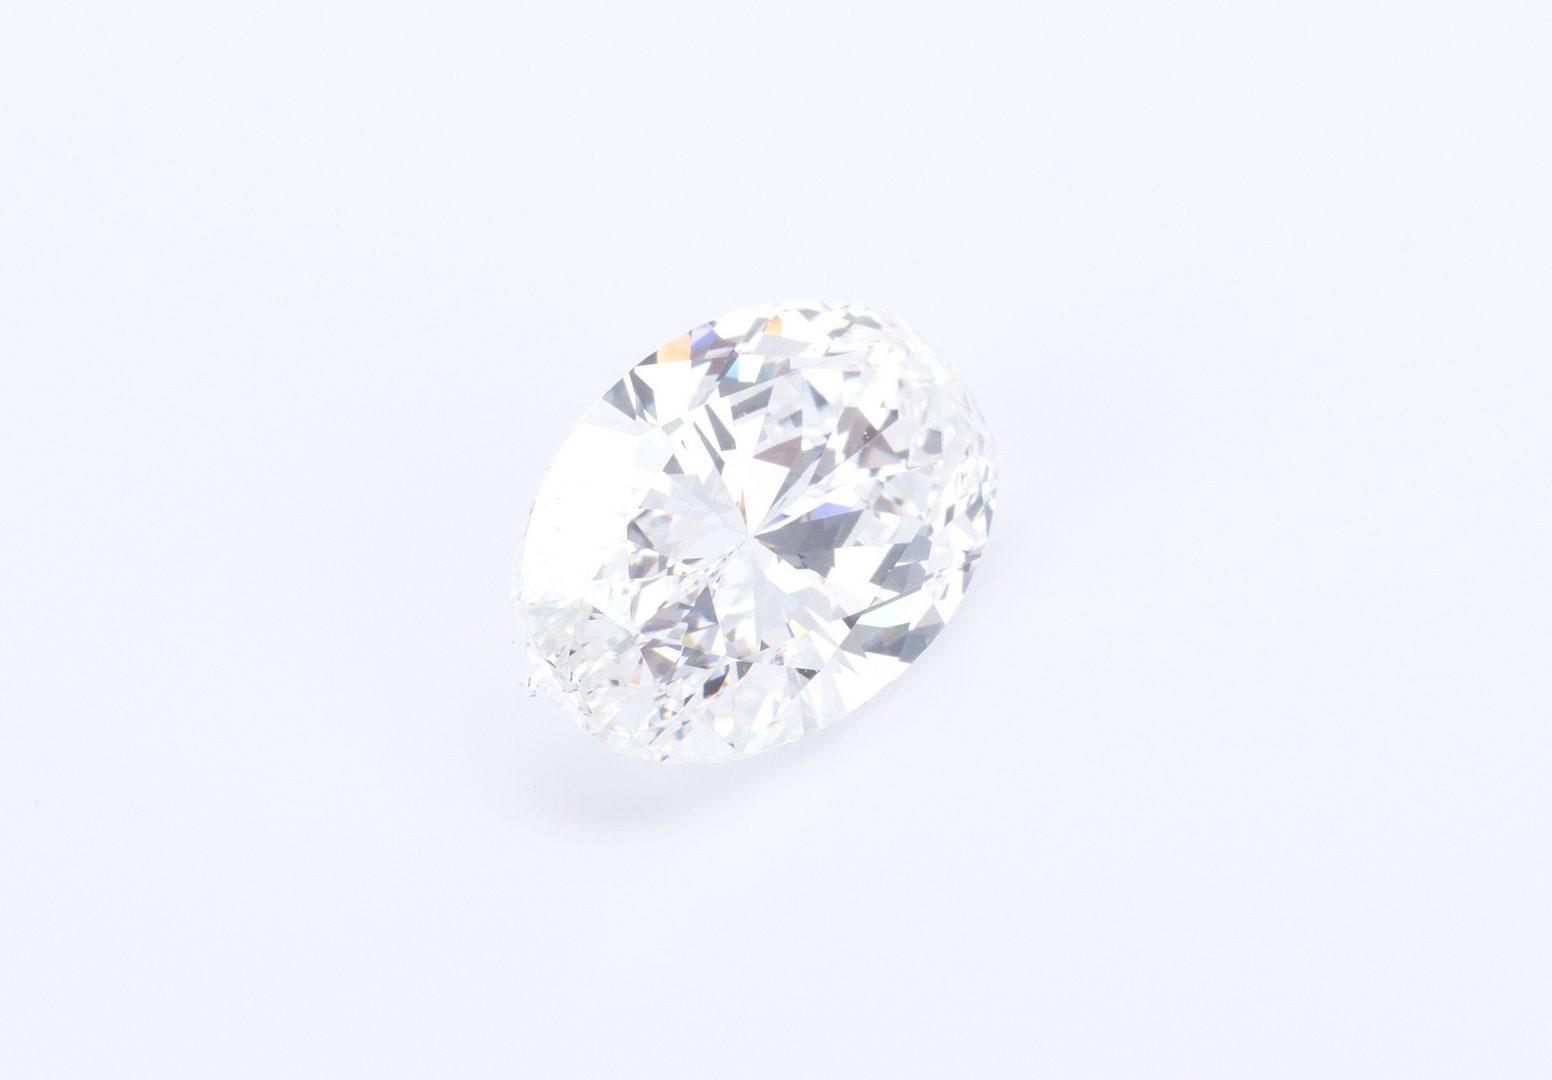 Lot 53: 3.13 ct Oval Brilliant Diamond, GIA Report